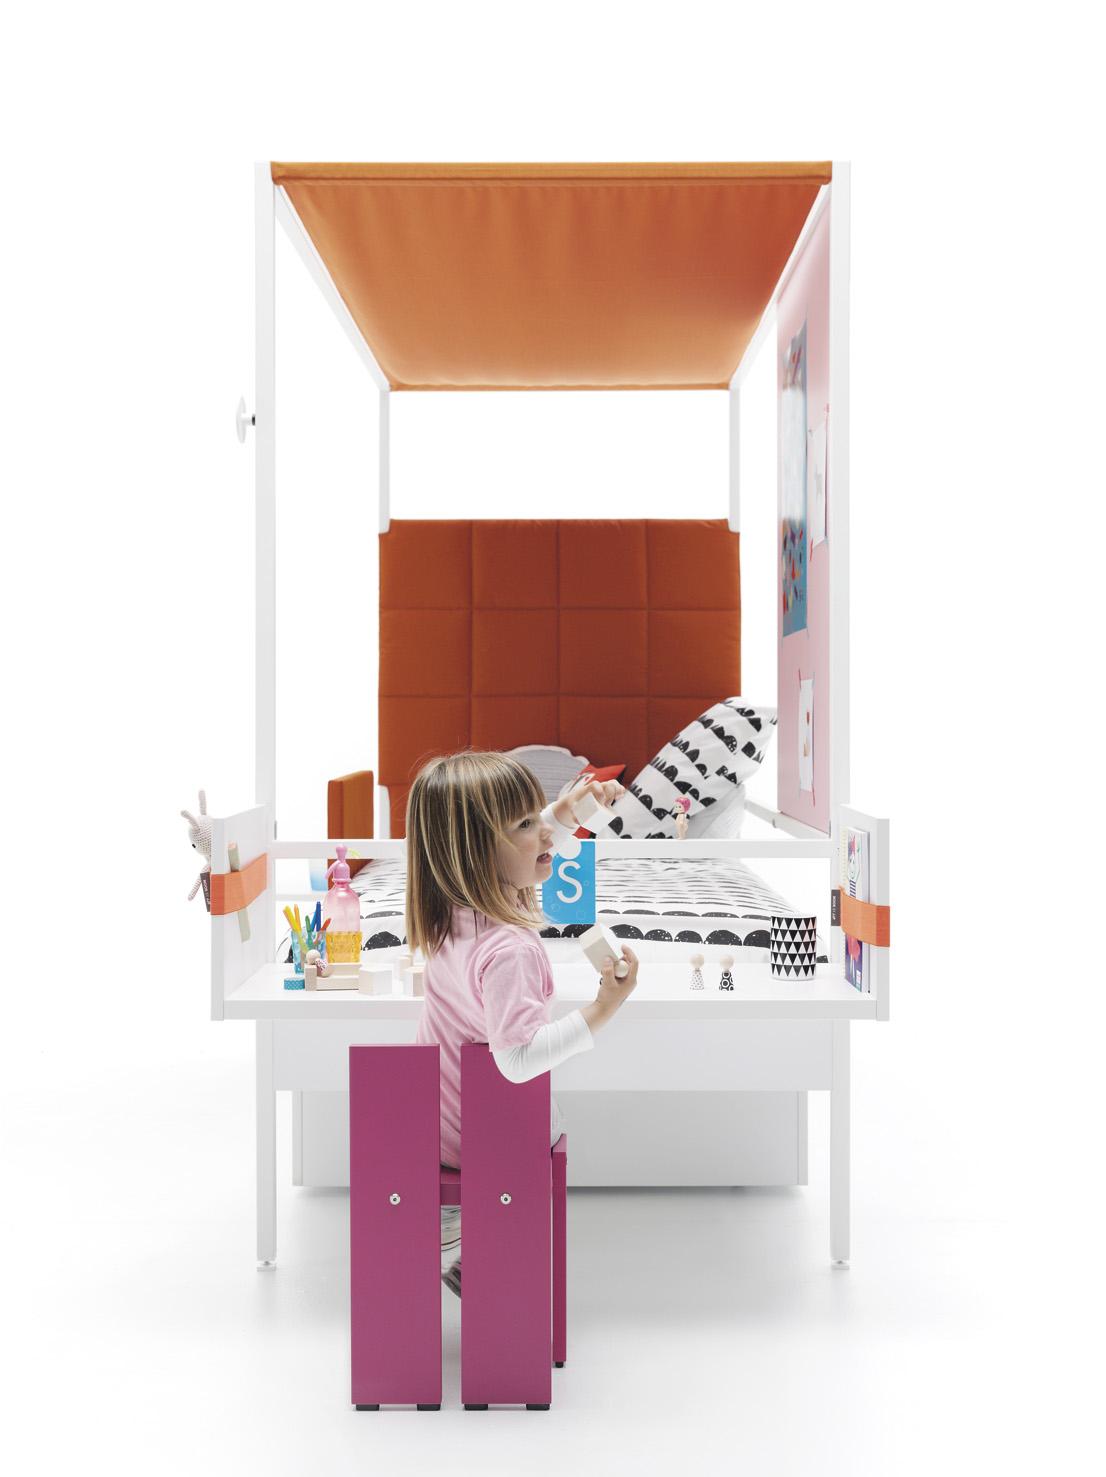 Una original y moderna estructura de cama capaz de construir un espacio diferente, íntimo y acogedor.